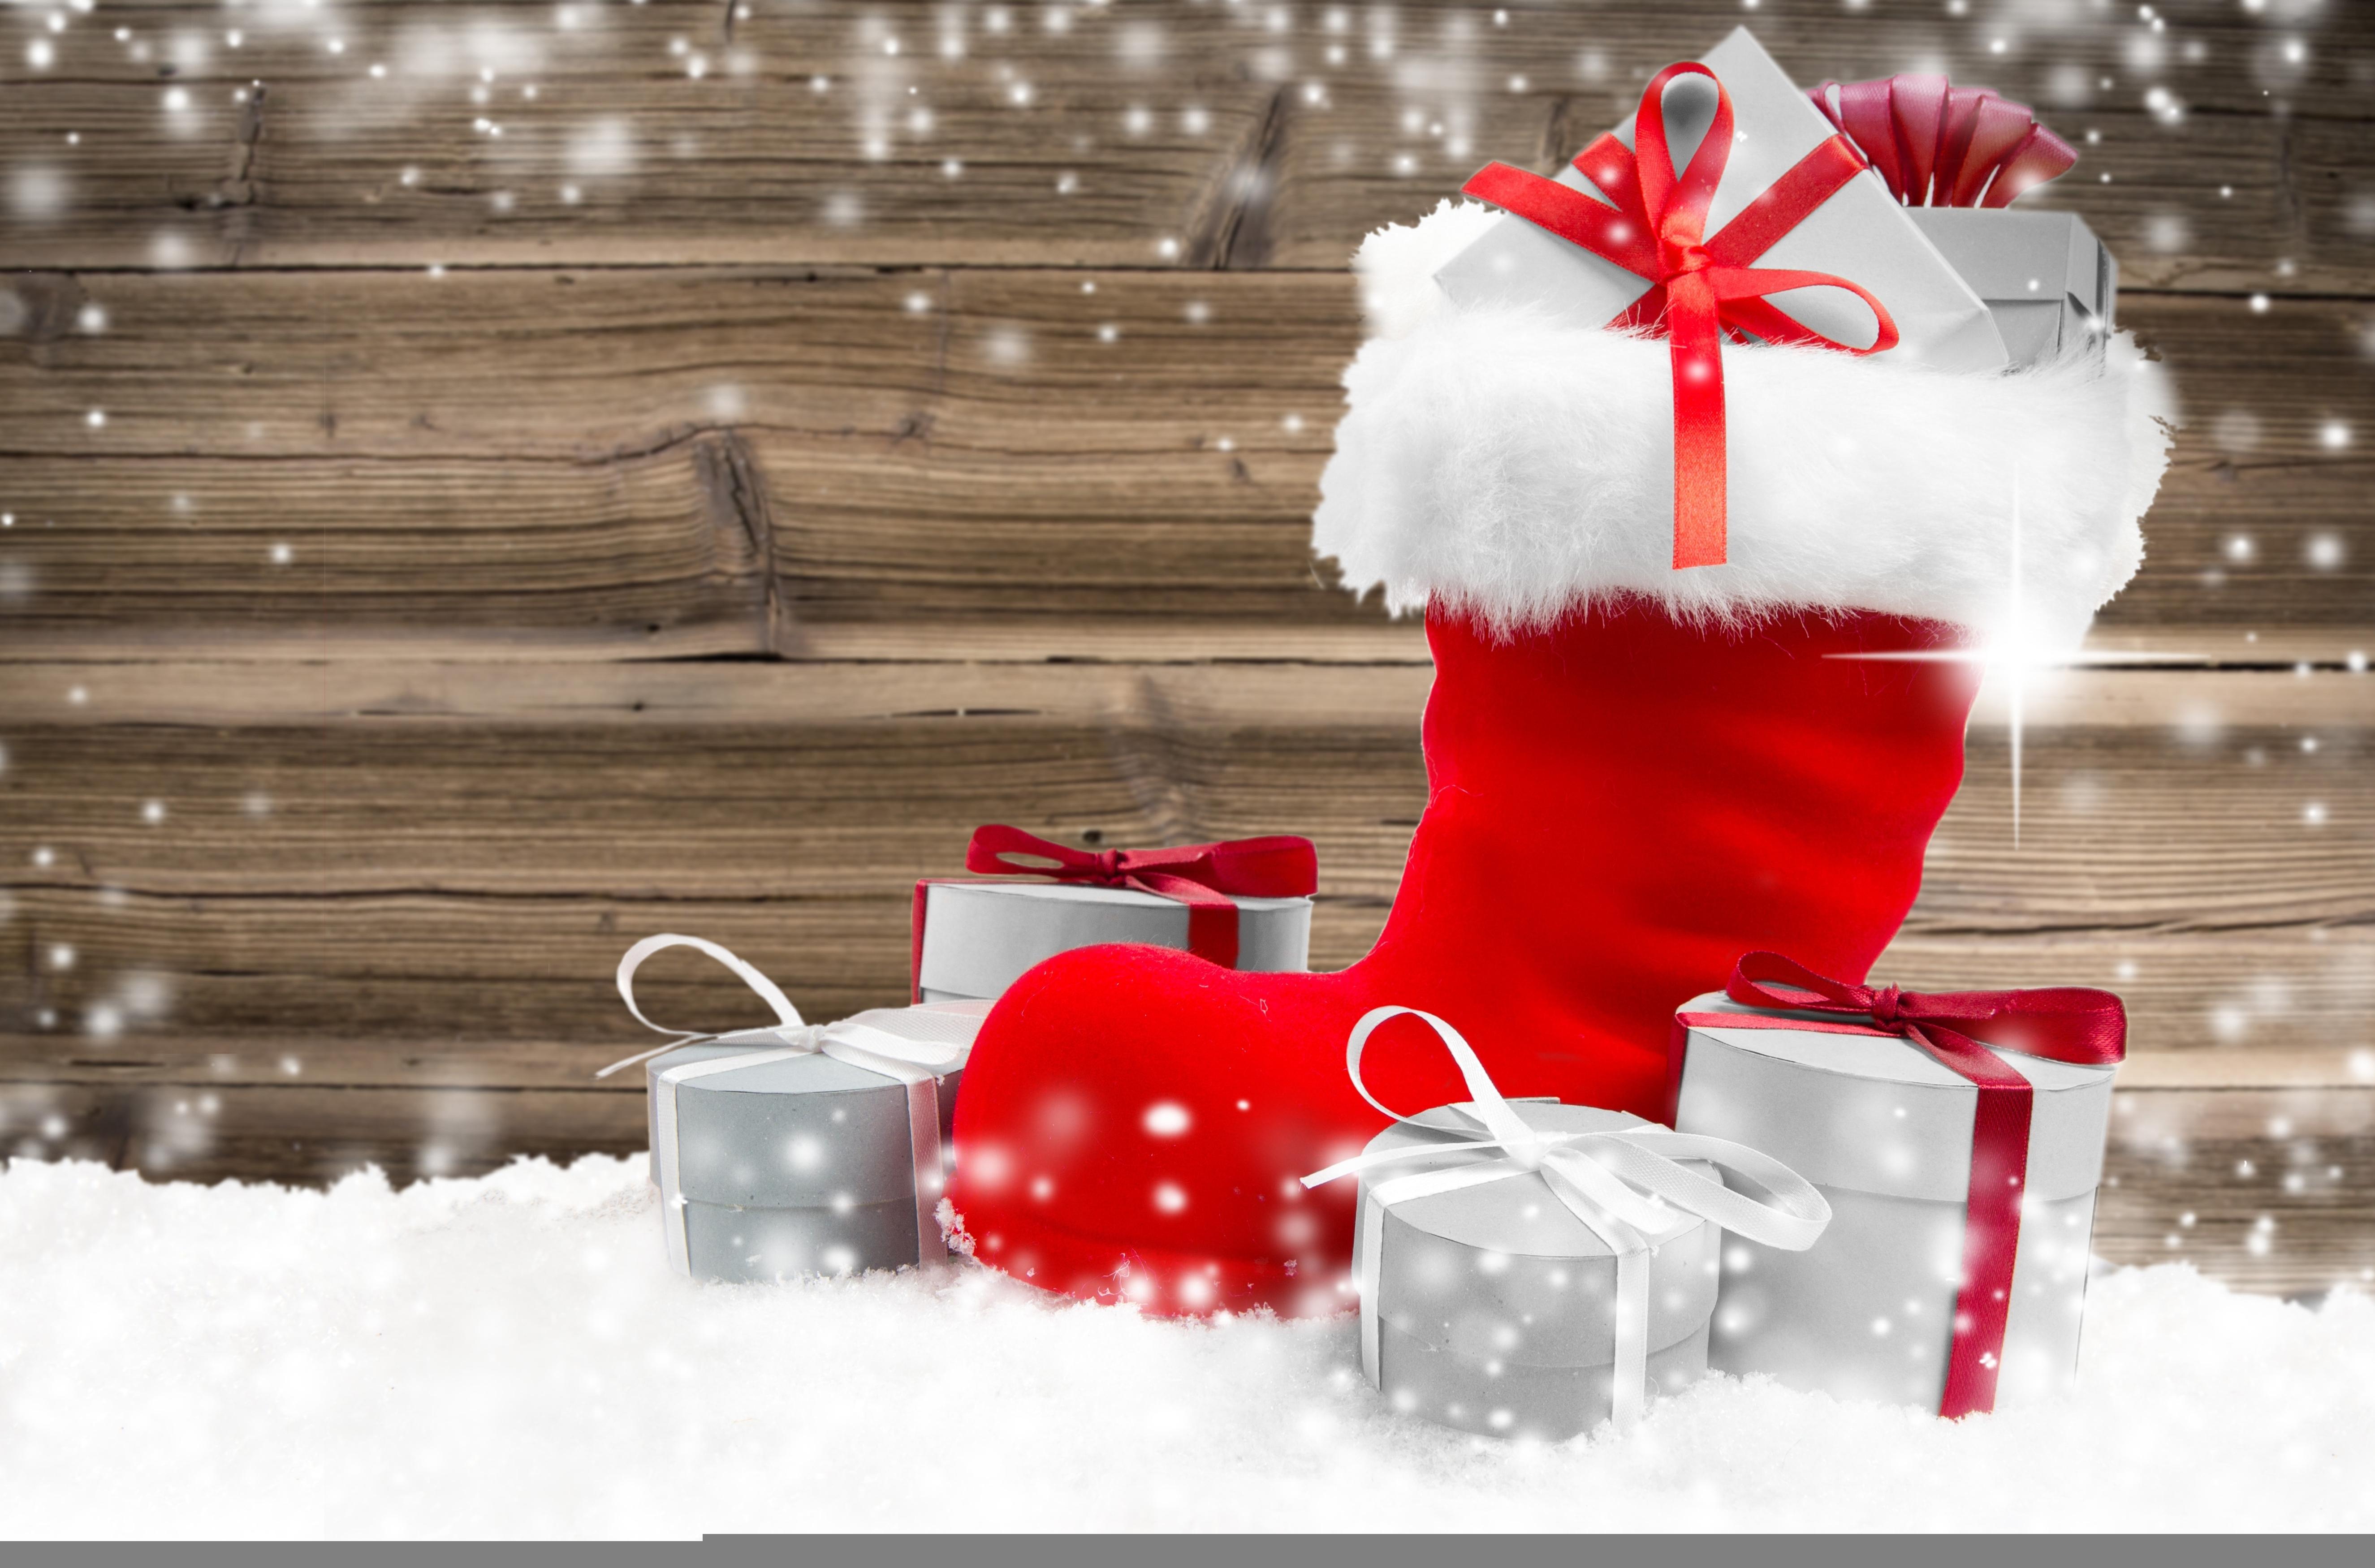 новый год зима картинки свежие вакансии